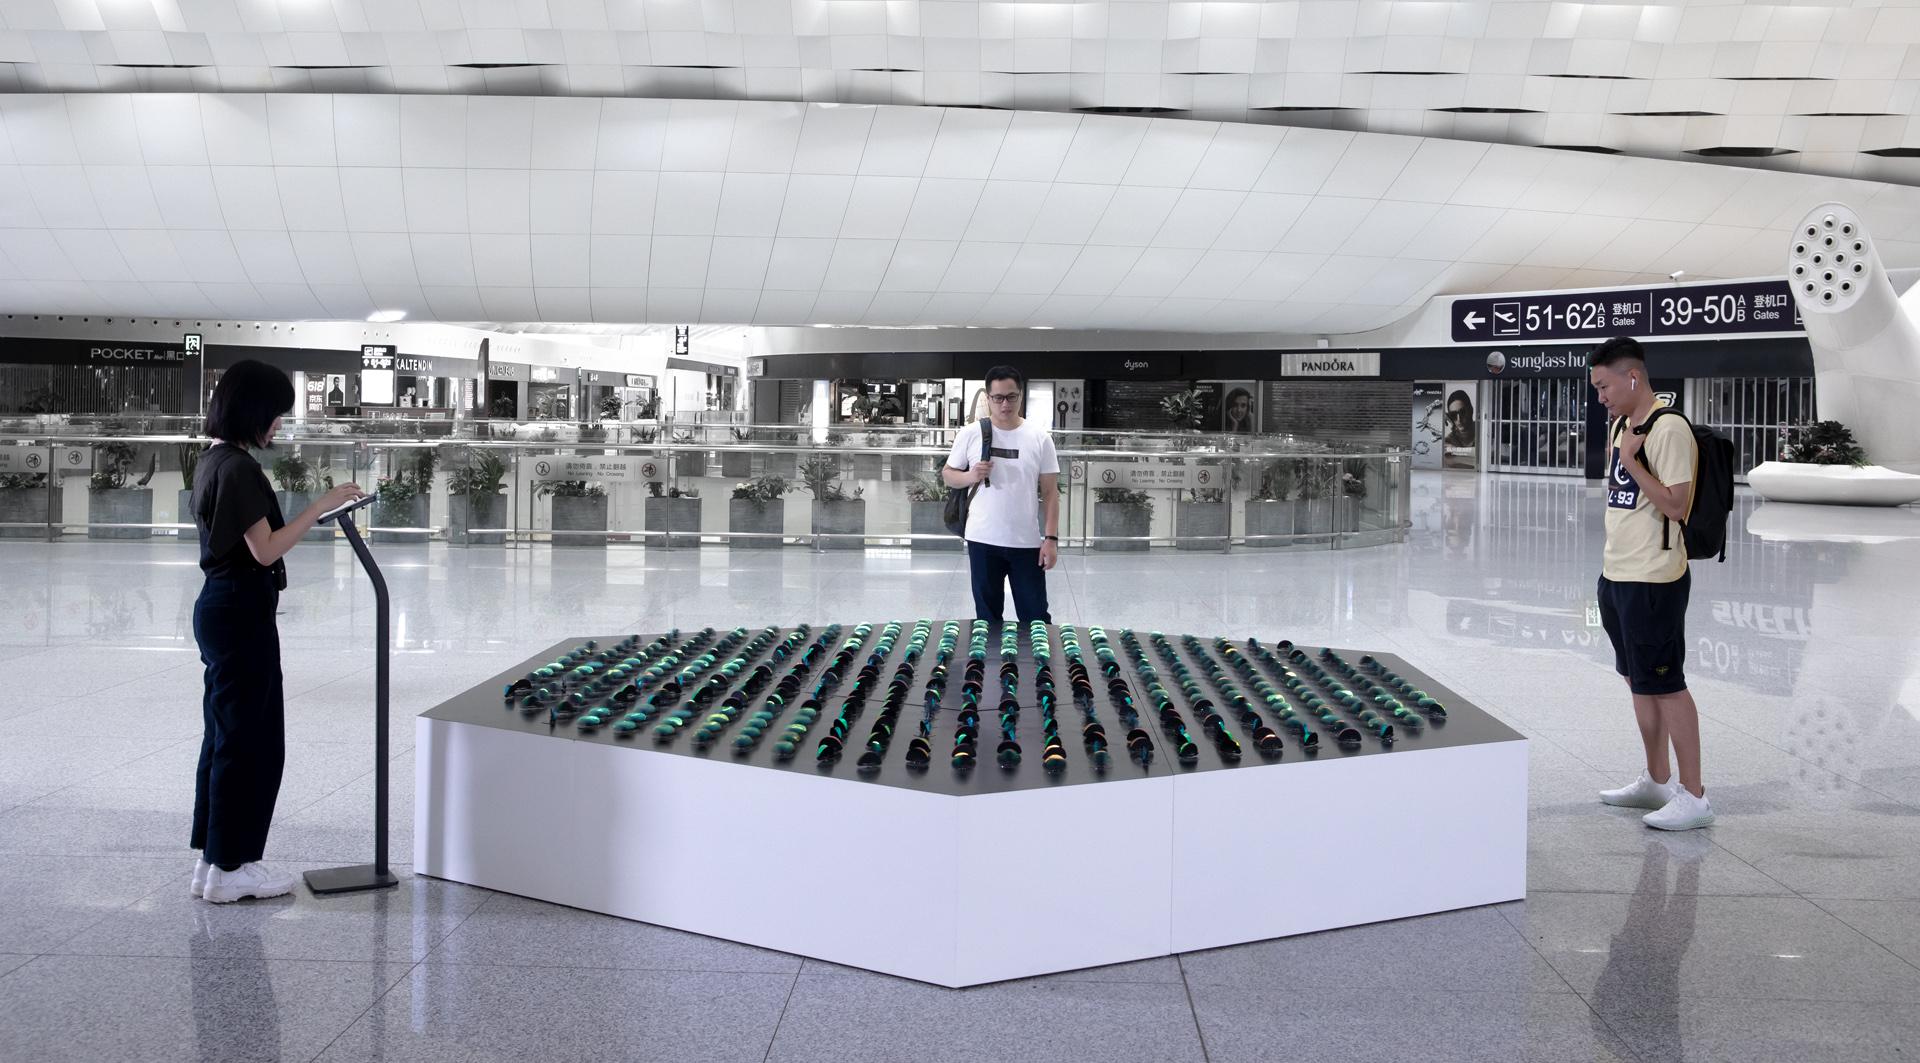 Lśniące ławice ryb inspiracją dla najnowszej interaktywnej rzeźby grupy panGenerator w chińskim w Shenzhen